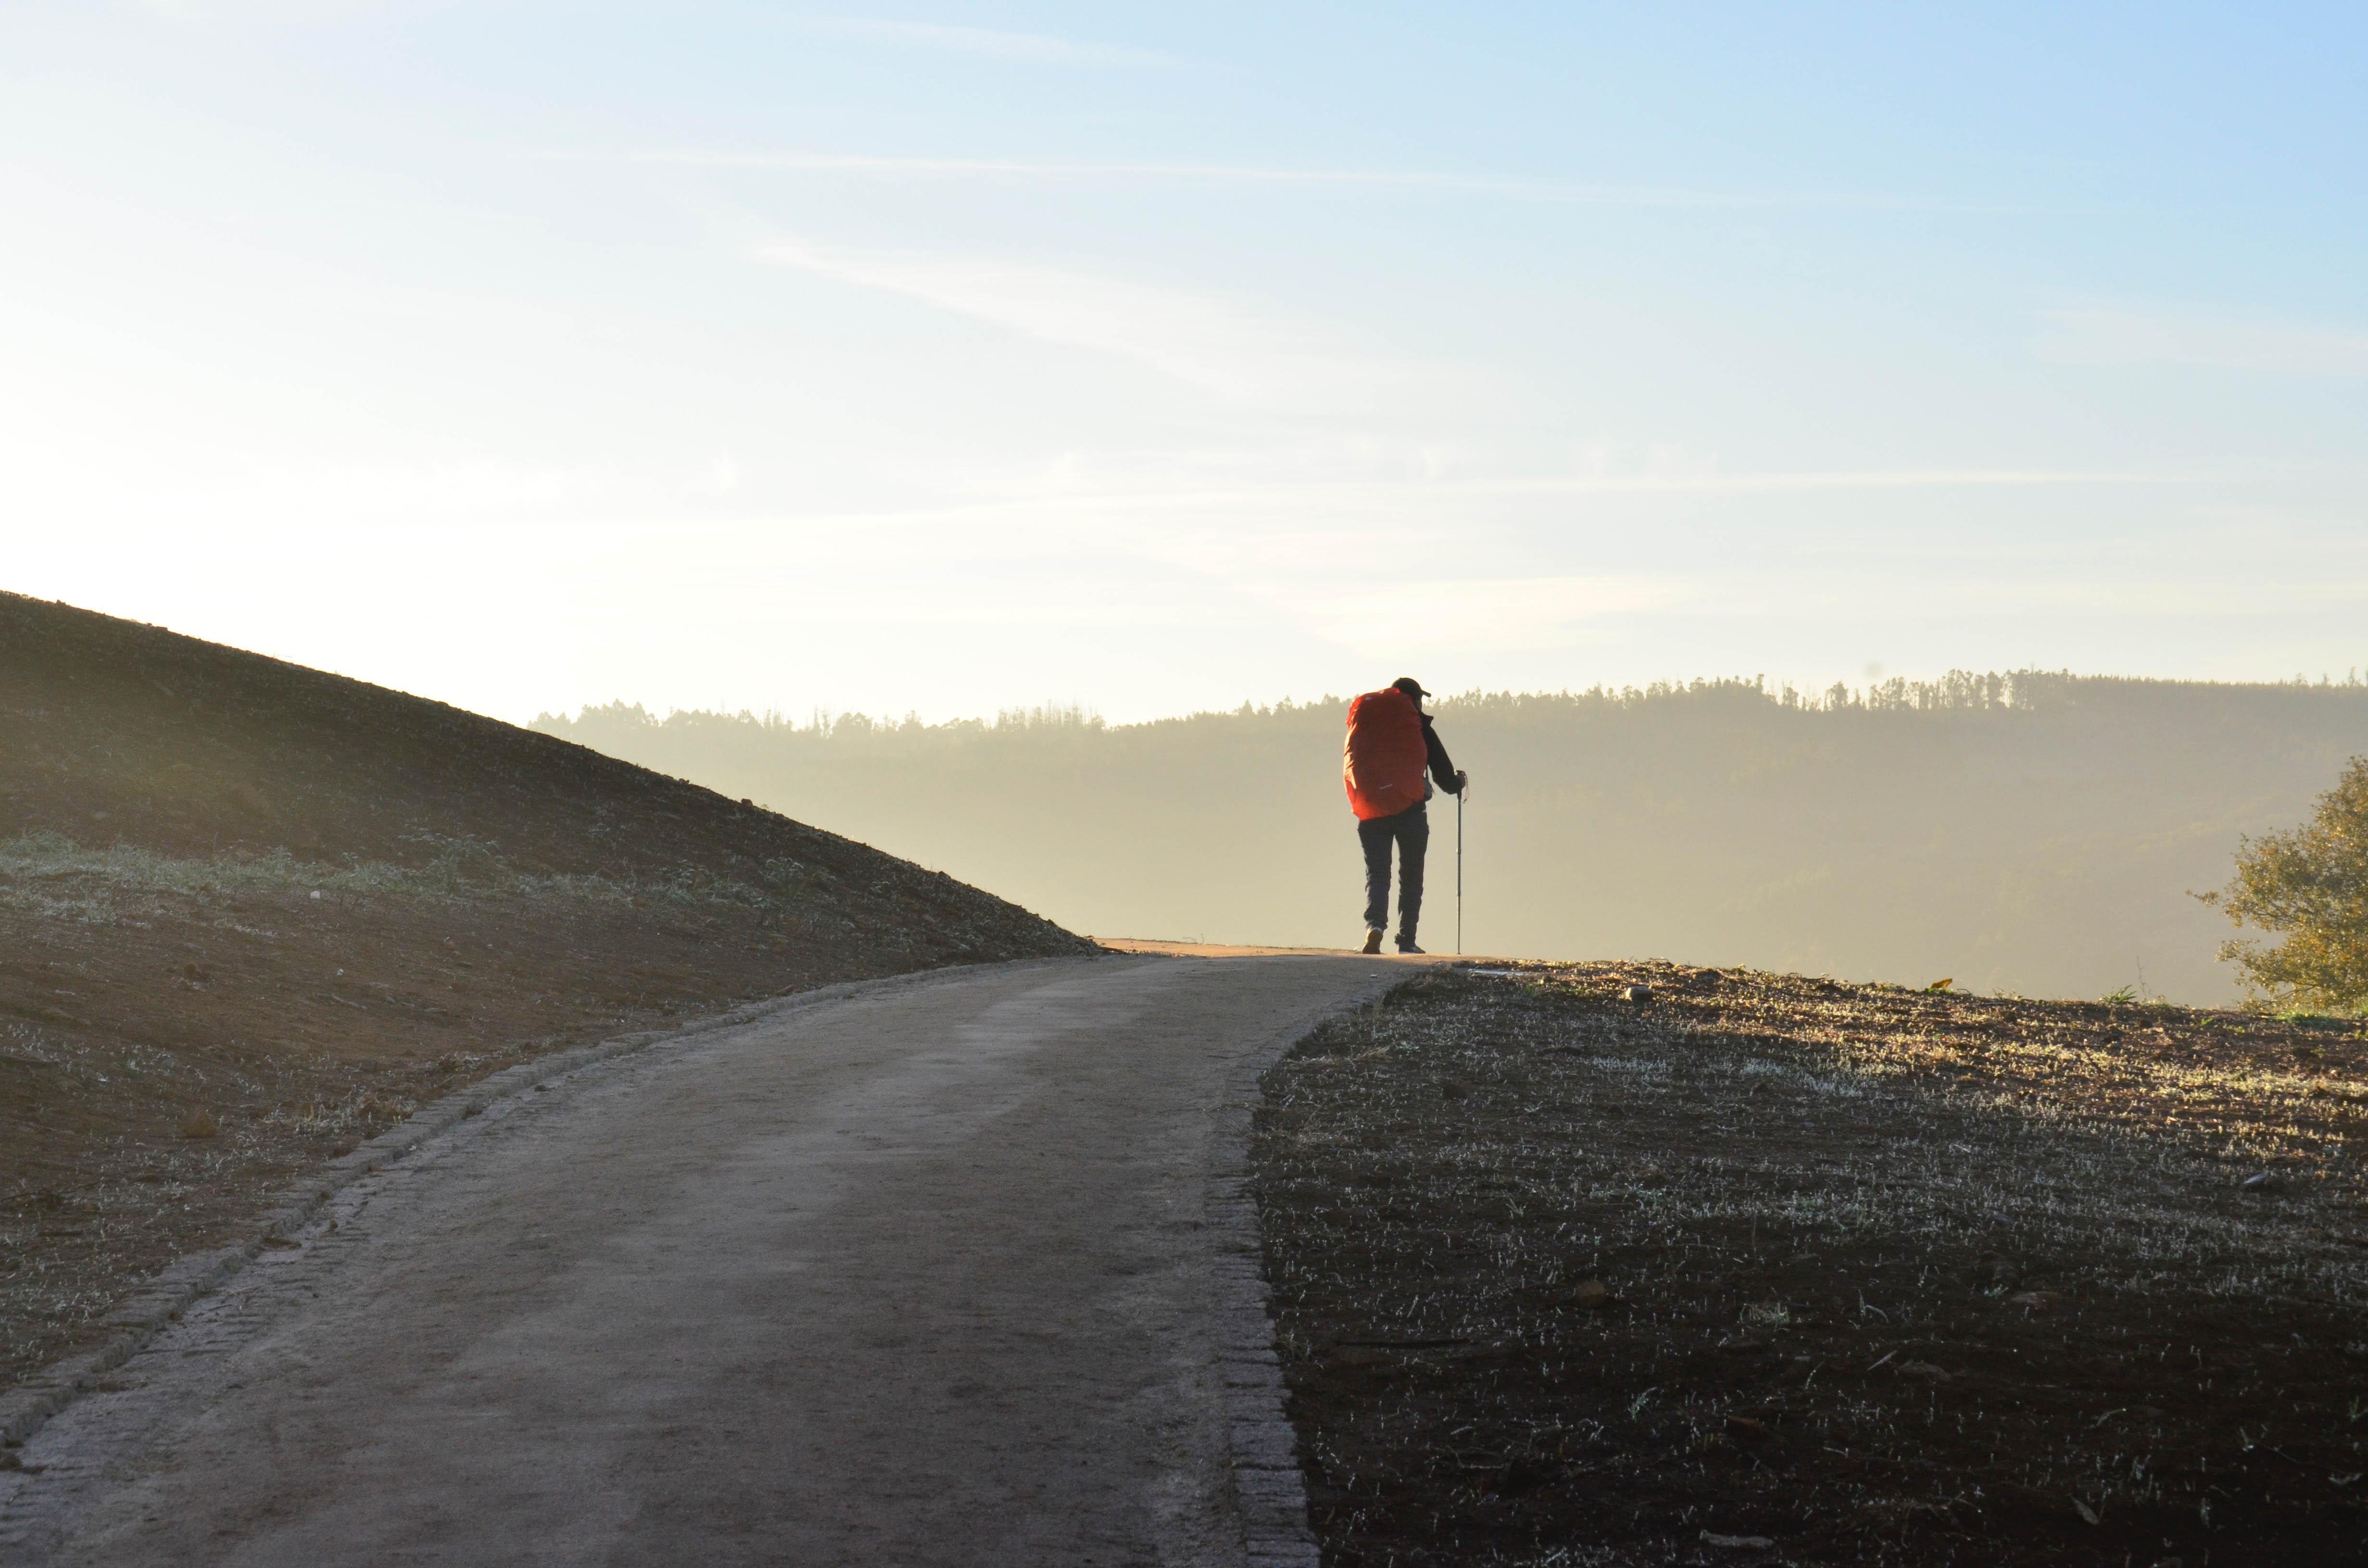 Jakobsweg, Pilgern, Wanderung mit Rucksack